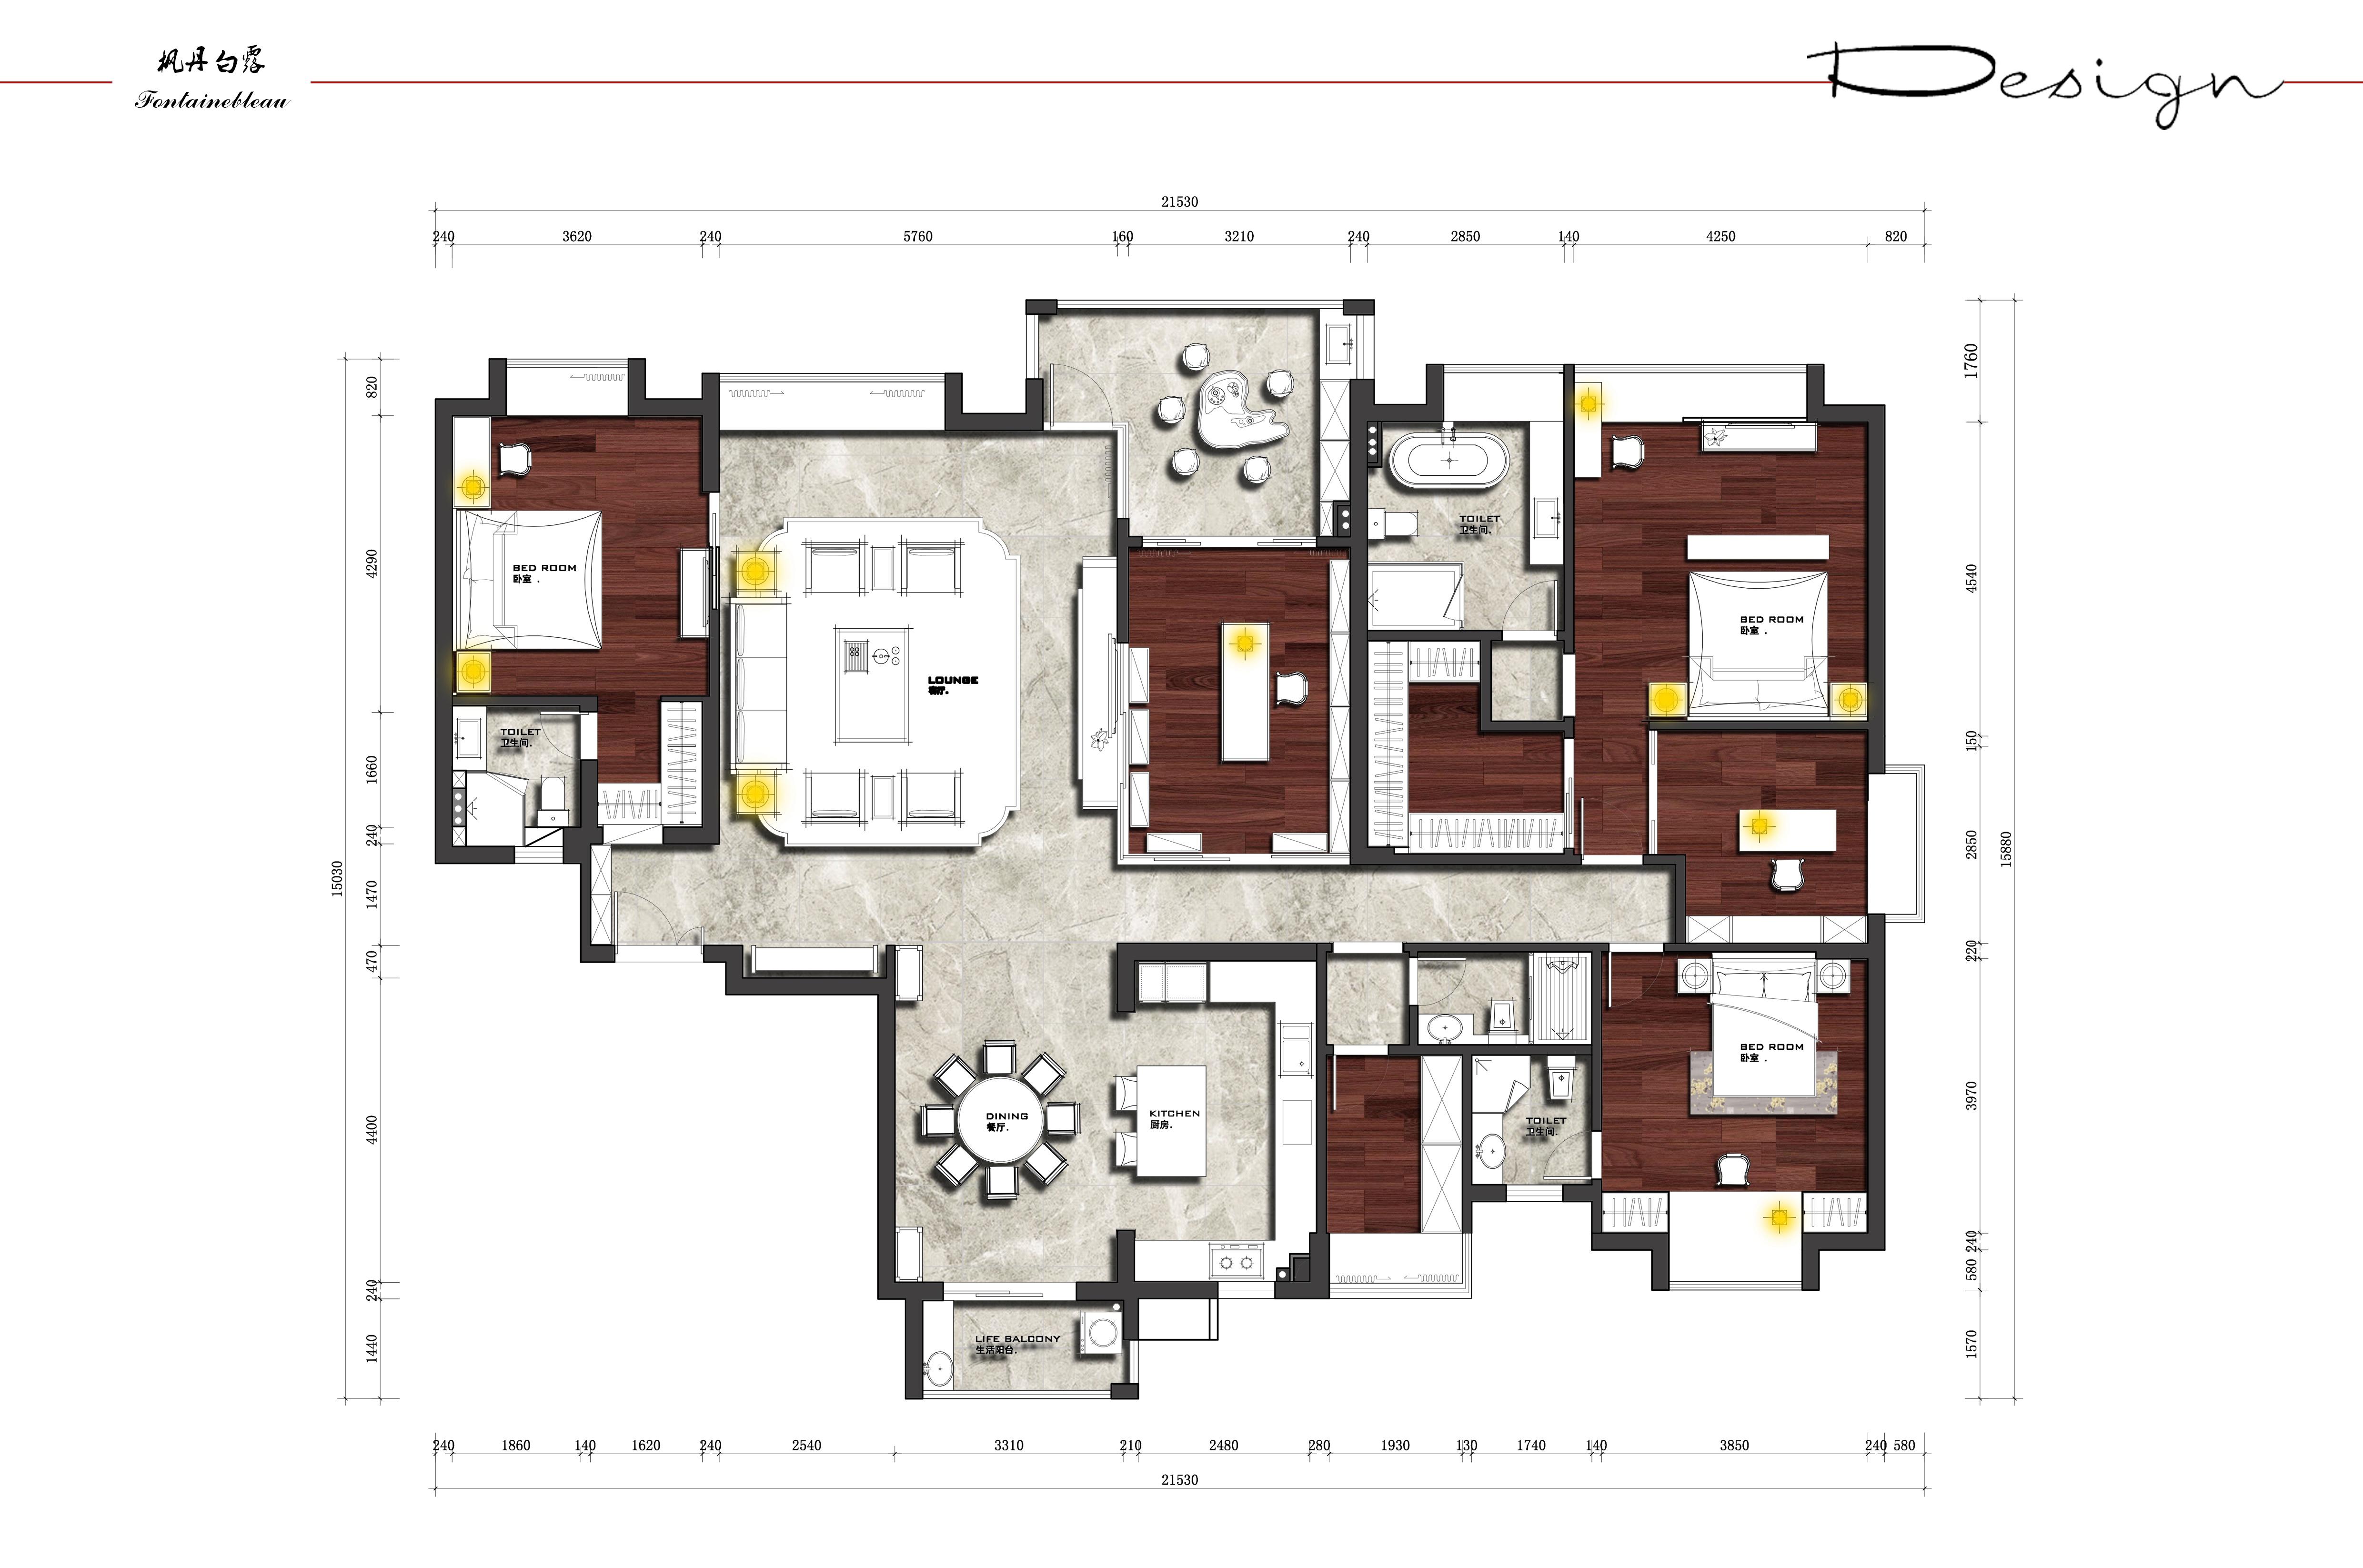 中信凯旋城枫丹白露 298㎡中式风格五房二厅 装修效果图装修设计理念